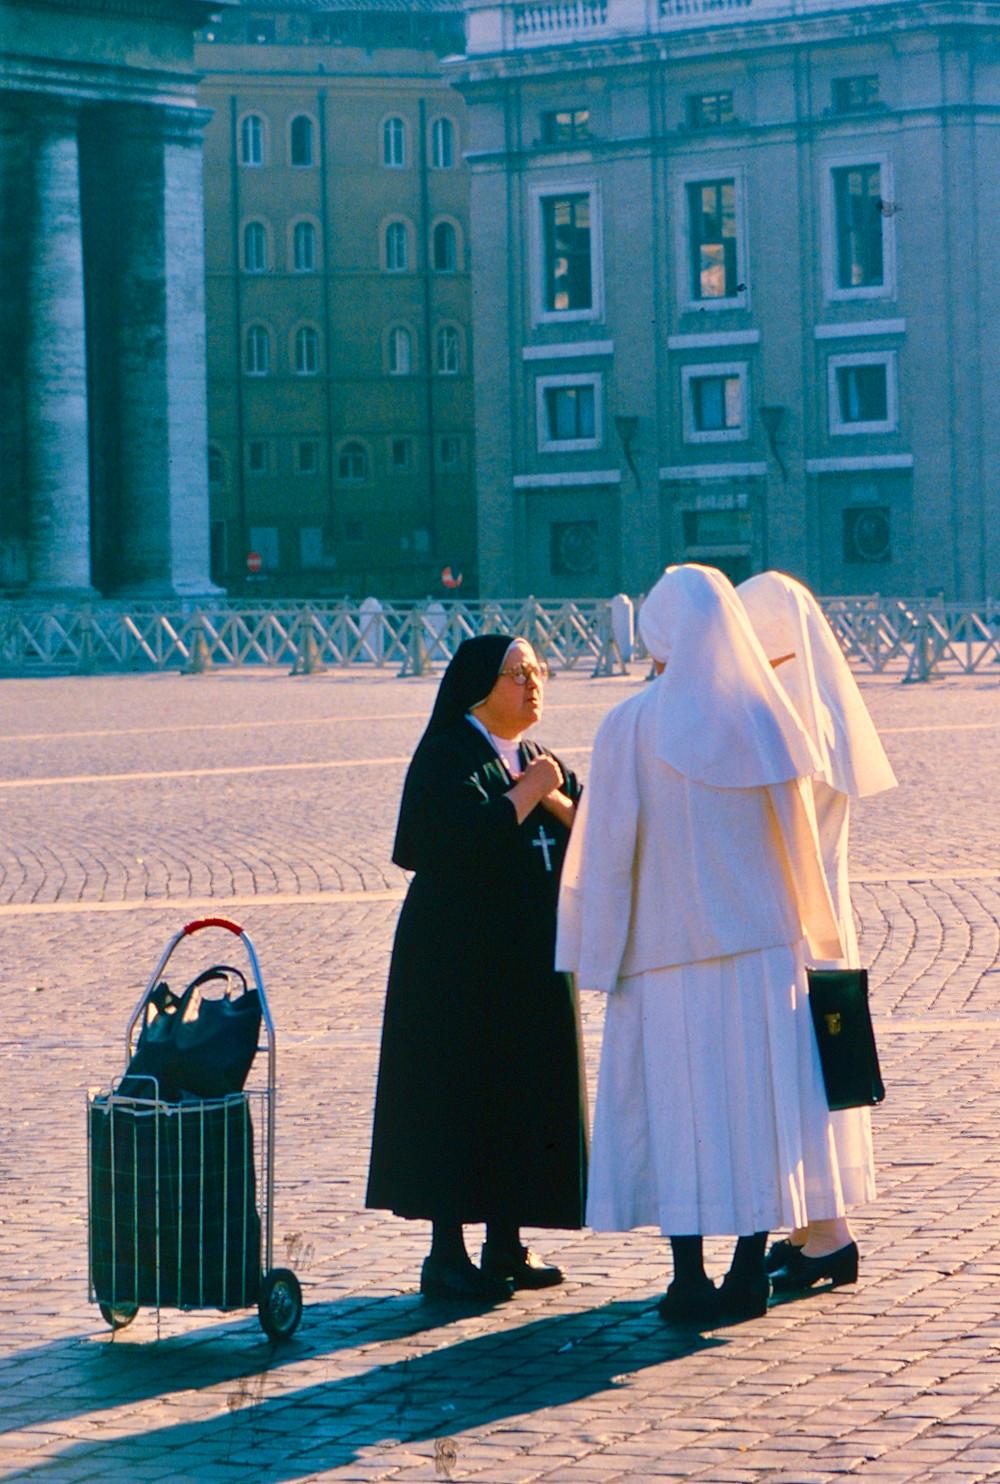 Nuns St Peter's Square Rome 1980